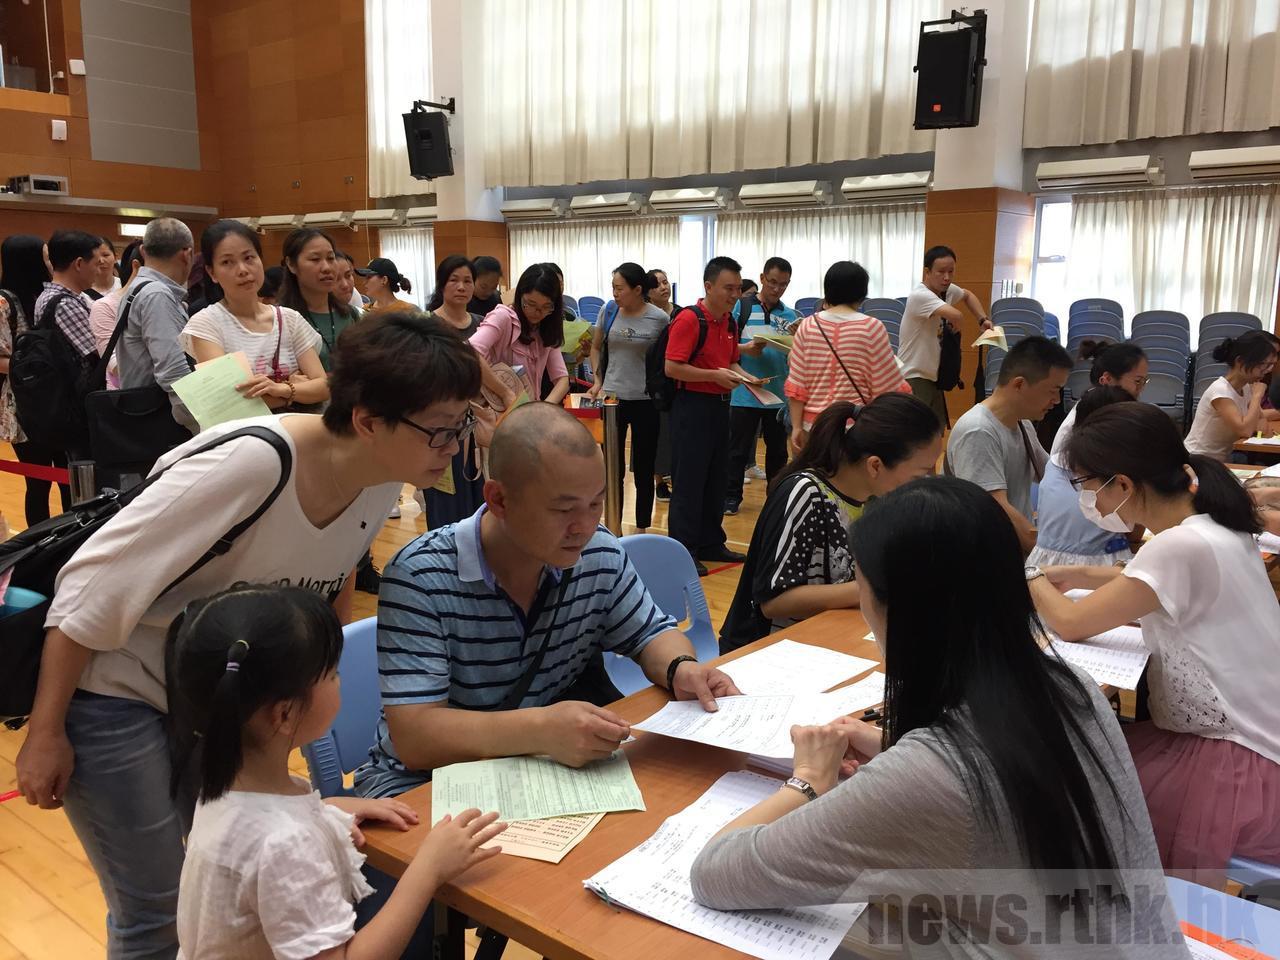 香港的升學競爭從小學就開始,學費也是全球最高,圖為家長為將上小學一年級的學生登記...